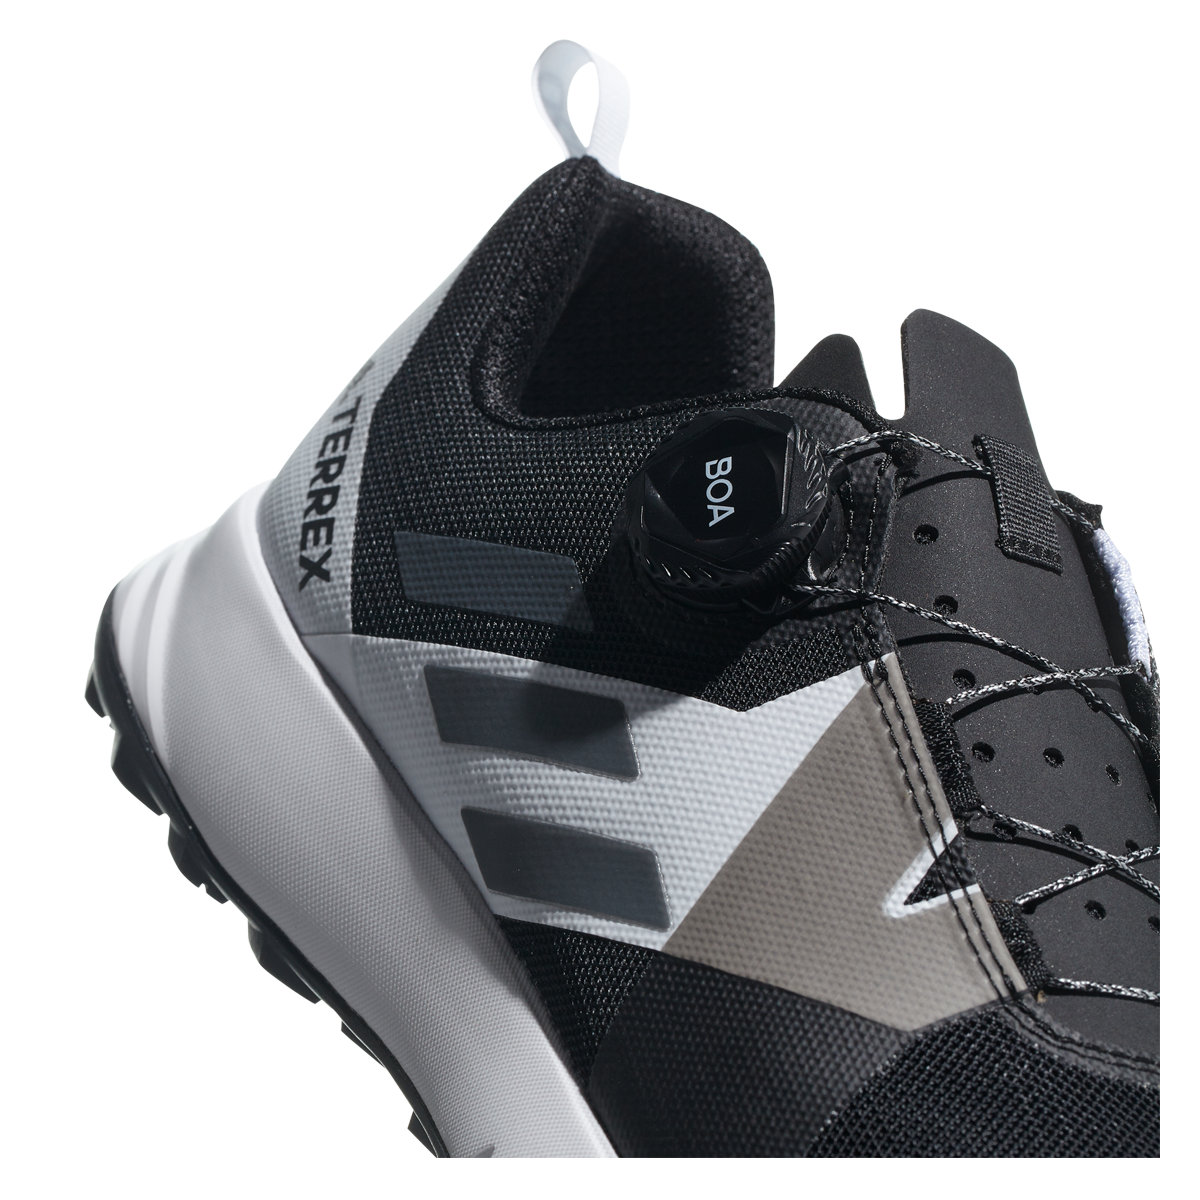 adidas Terrex Two Boa cipő feketeszürke